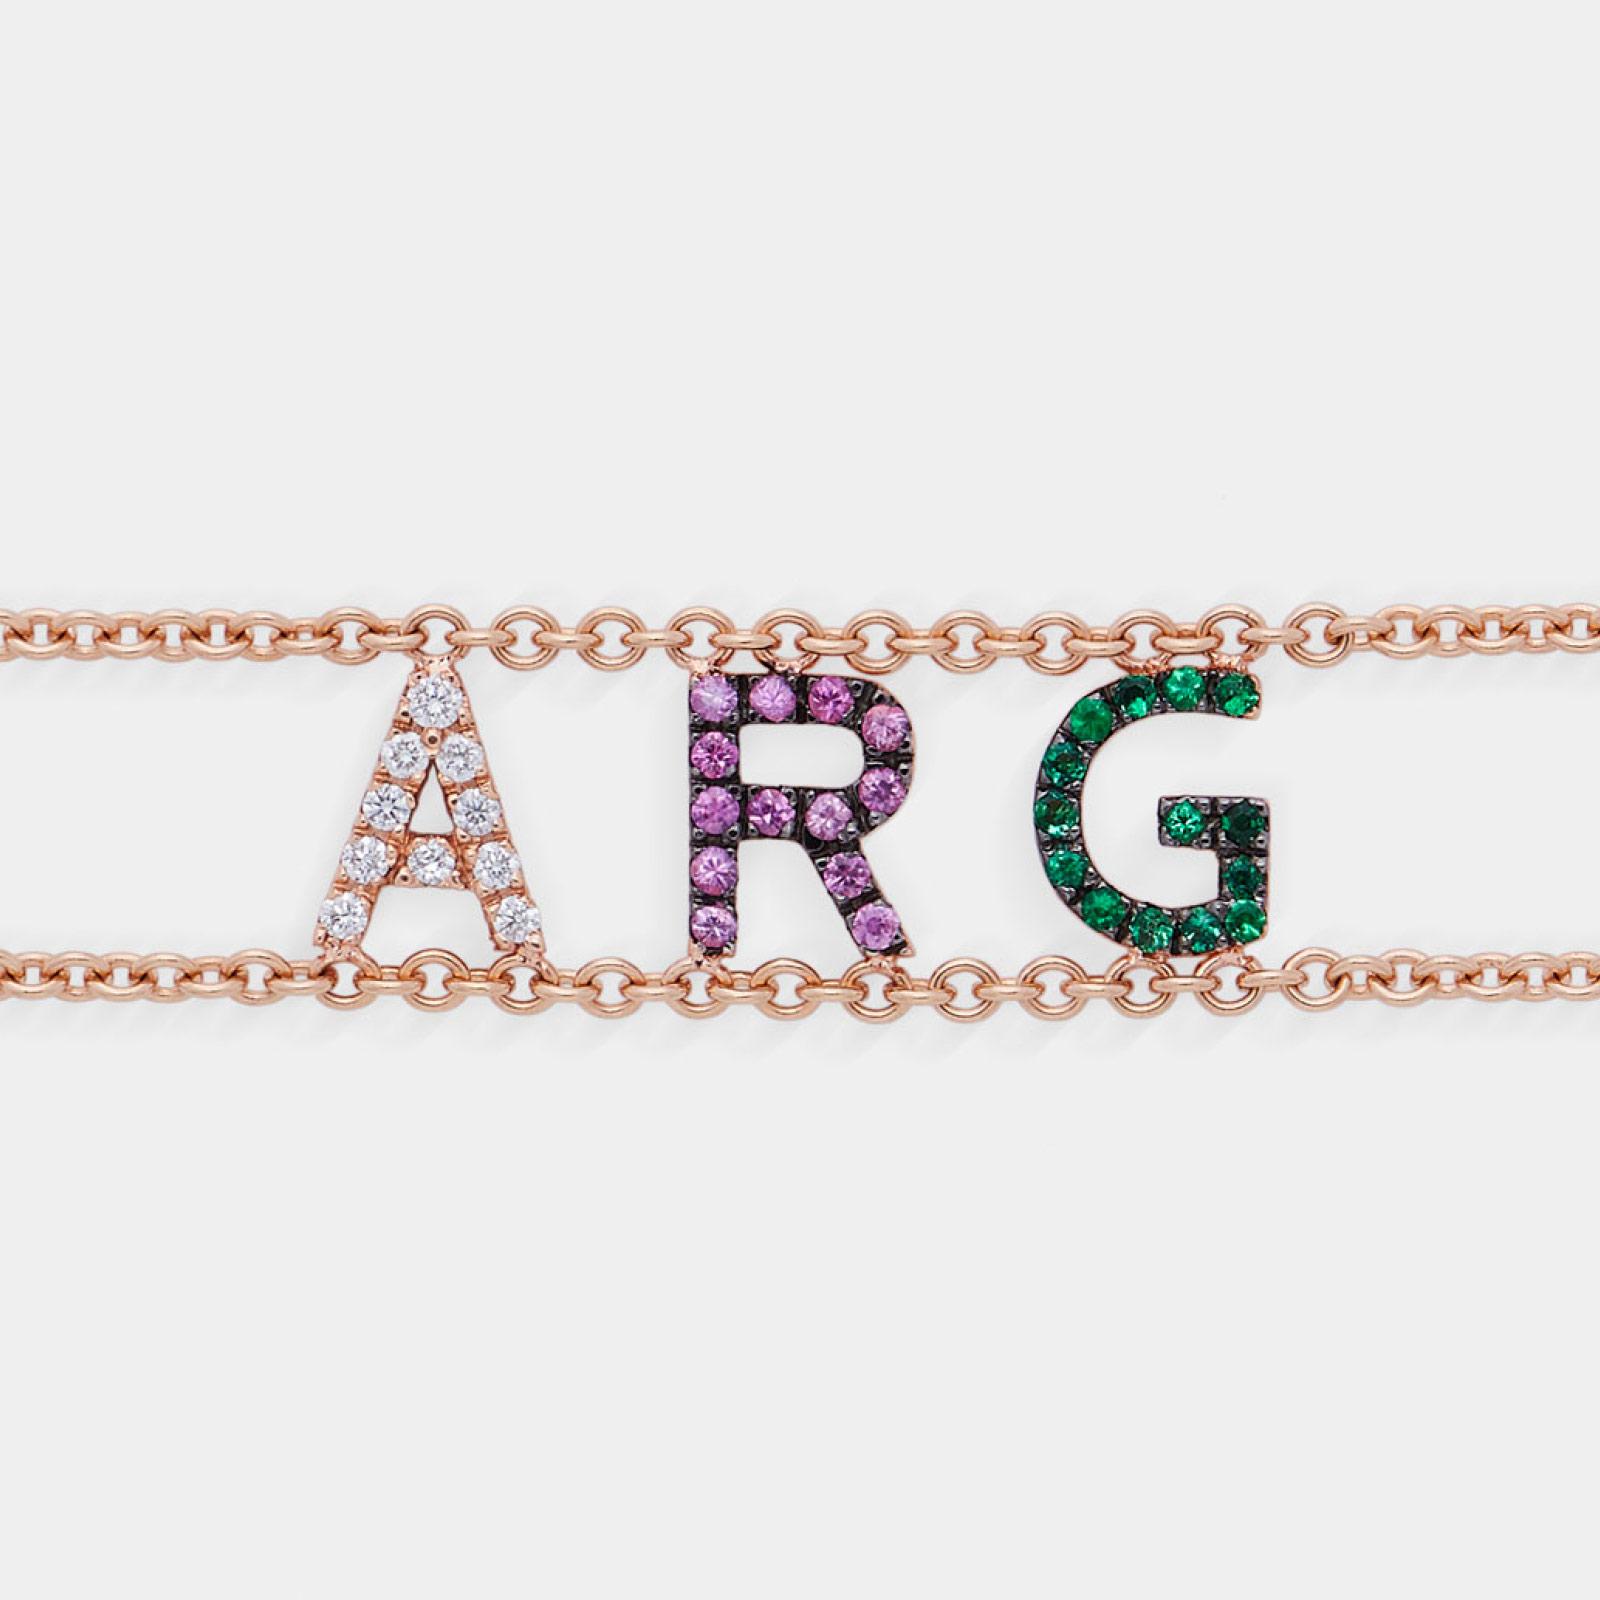 Bracciale morbido con doppia catena personalizato in oro rosa diamanti, zaffiri e smeraldi- Rosanna Cattolico gioielli